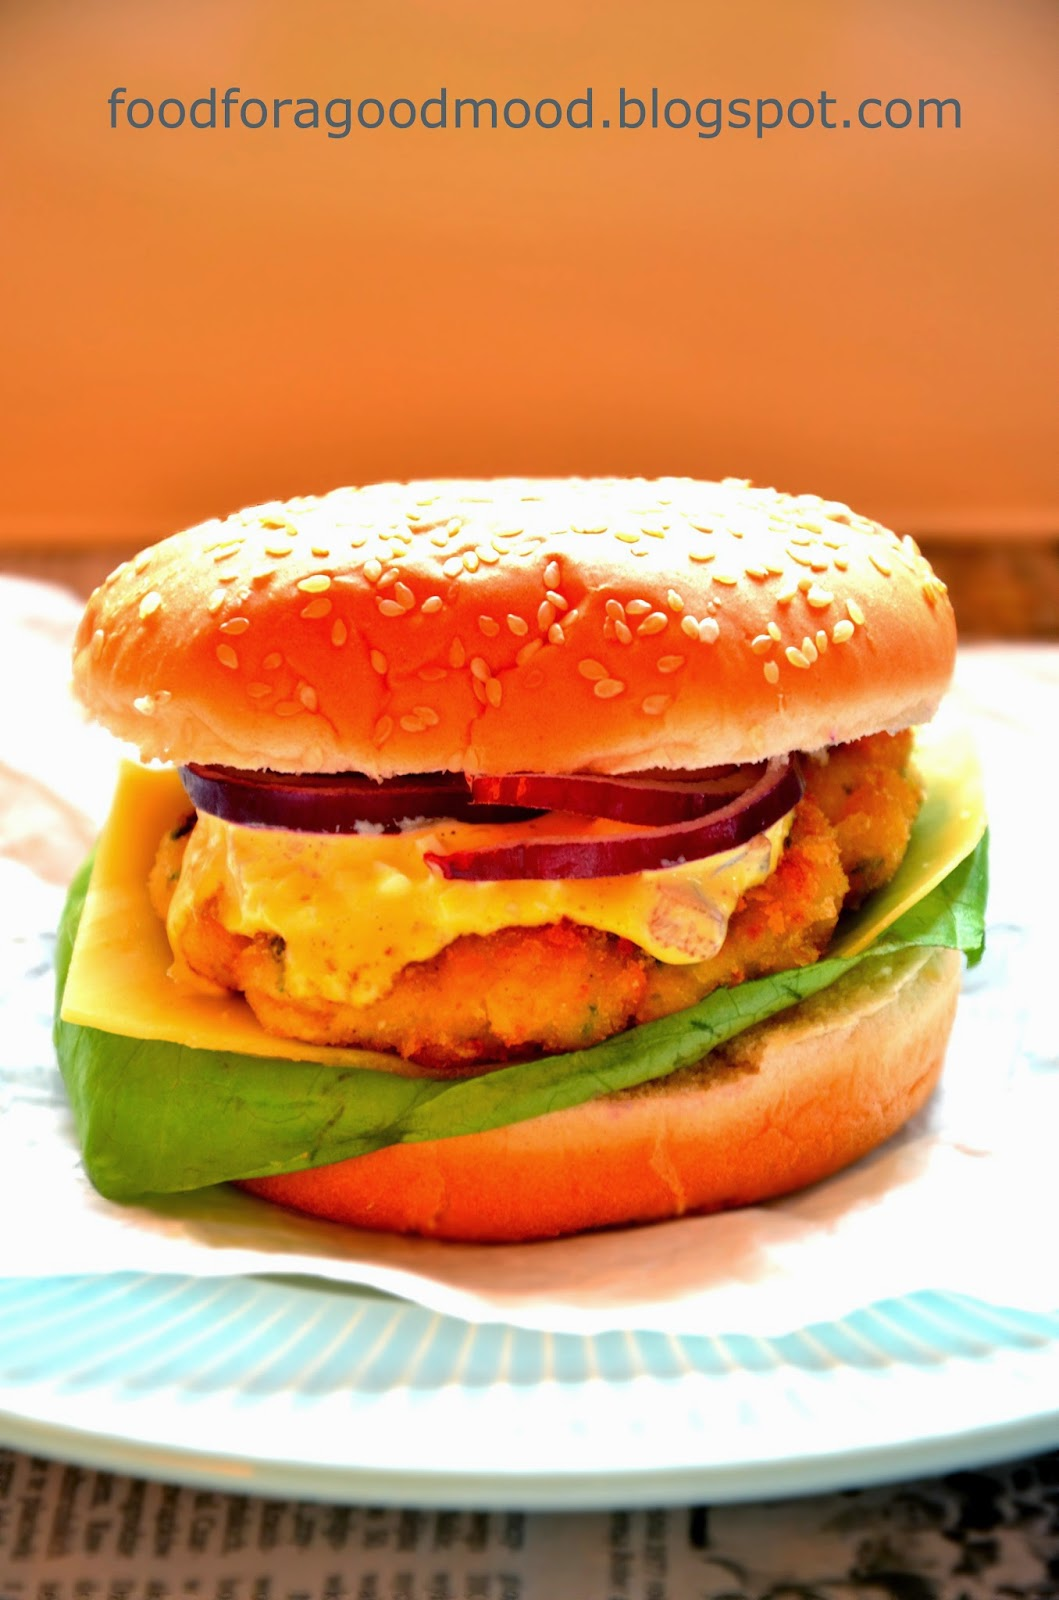 Fast food nie zawsze musi oznaczać jedzenie niewiadomego pochodzenia, naszpikowane chemią, a do tego pozbawione jakichkolwiek wartości odżywczych. Dowodem na to niech będzie domowy fishburger. Delikatny kotlet z bałtyckiej ryby, sos tatarski własnej roboty, a do tego upieczona w kuchennym piekarniku bułka.